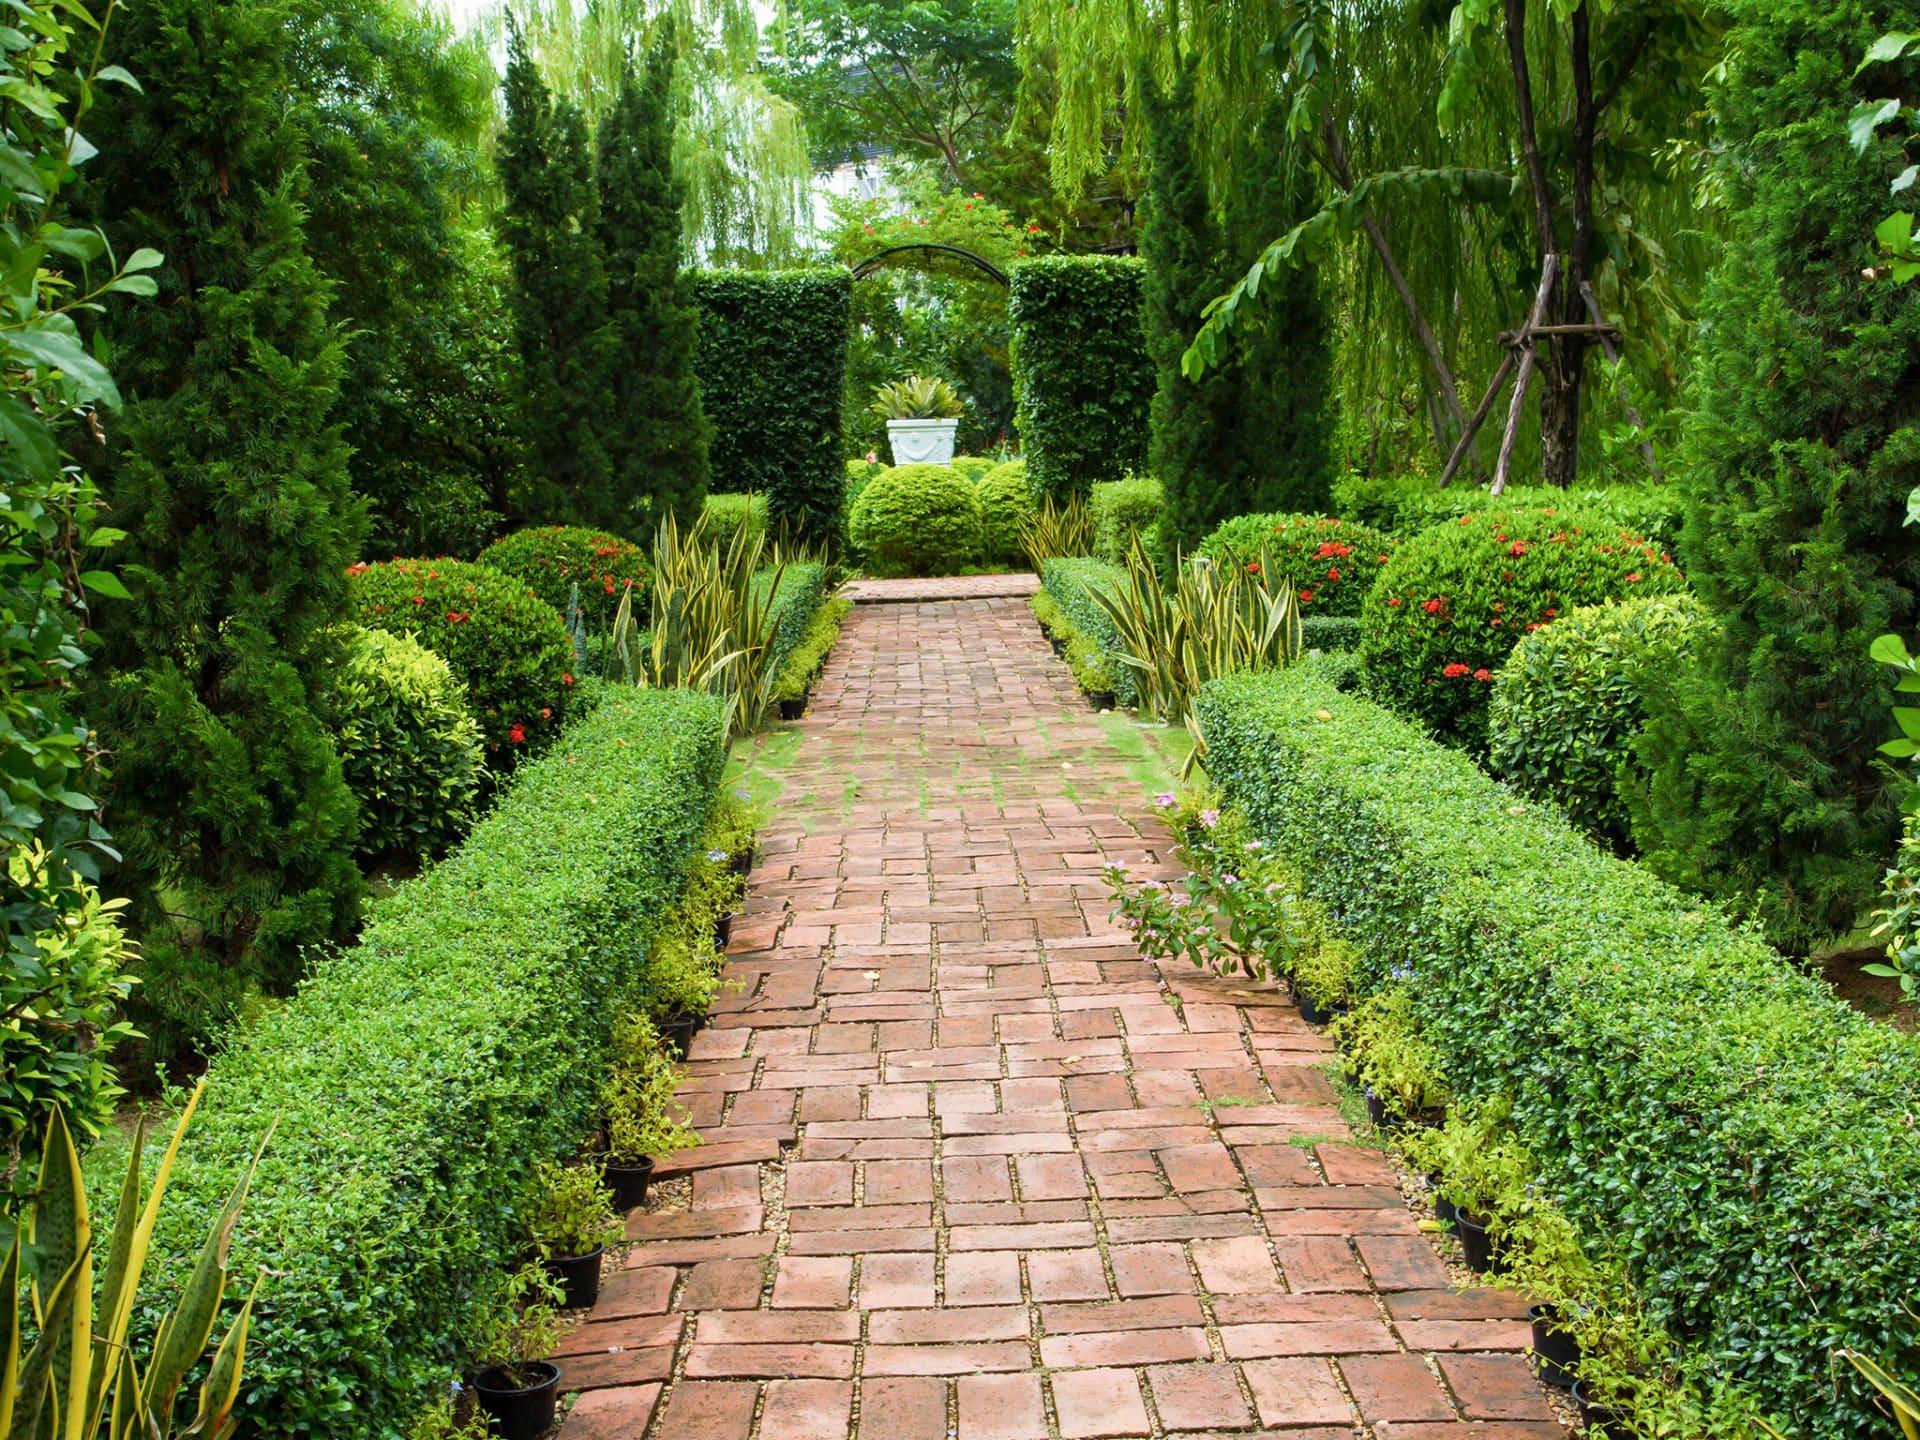 Bevorzugt Gartenweg anlegen & gestalten | Ideen mit Kies, Pflastersteinen & Co. OZ05